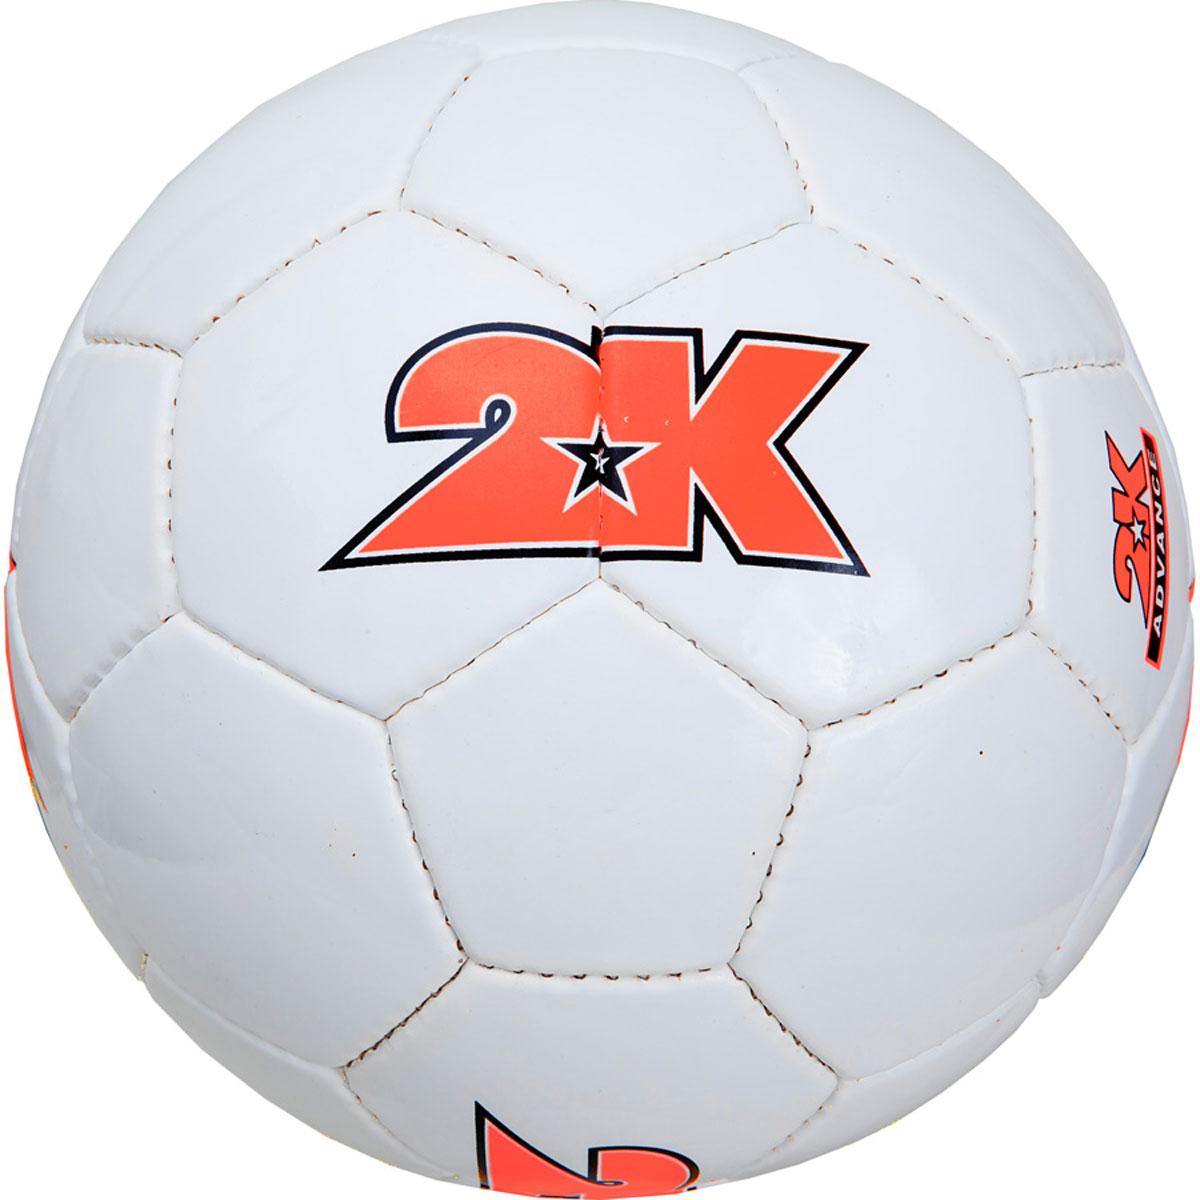 Мяч футбольный 2K Sport Advance, цвет: белый, оранжевый. Размер 5 2k sport 2k sport fenix pro cotton ls